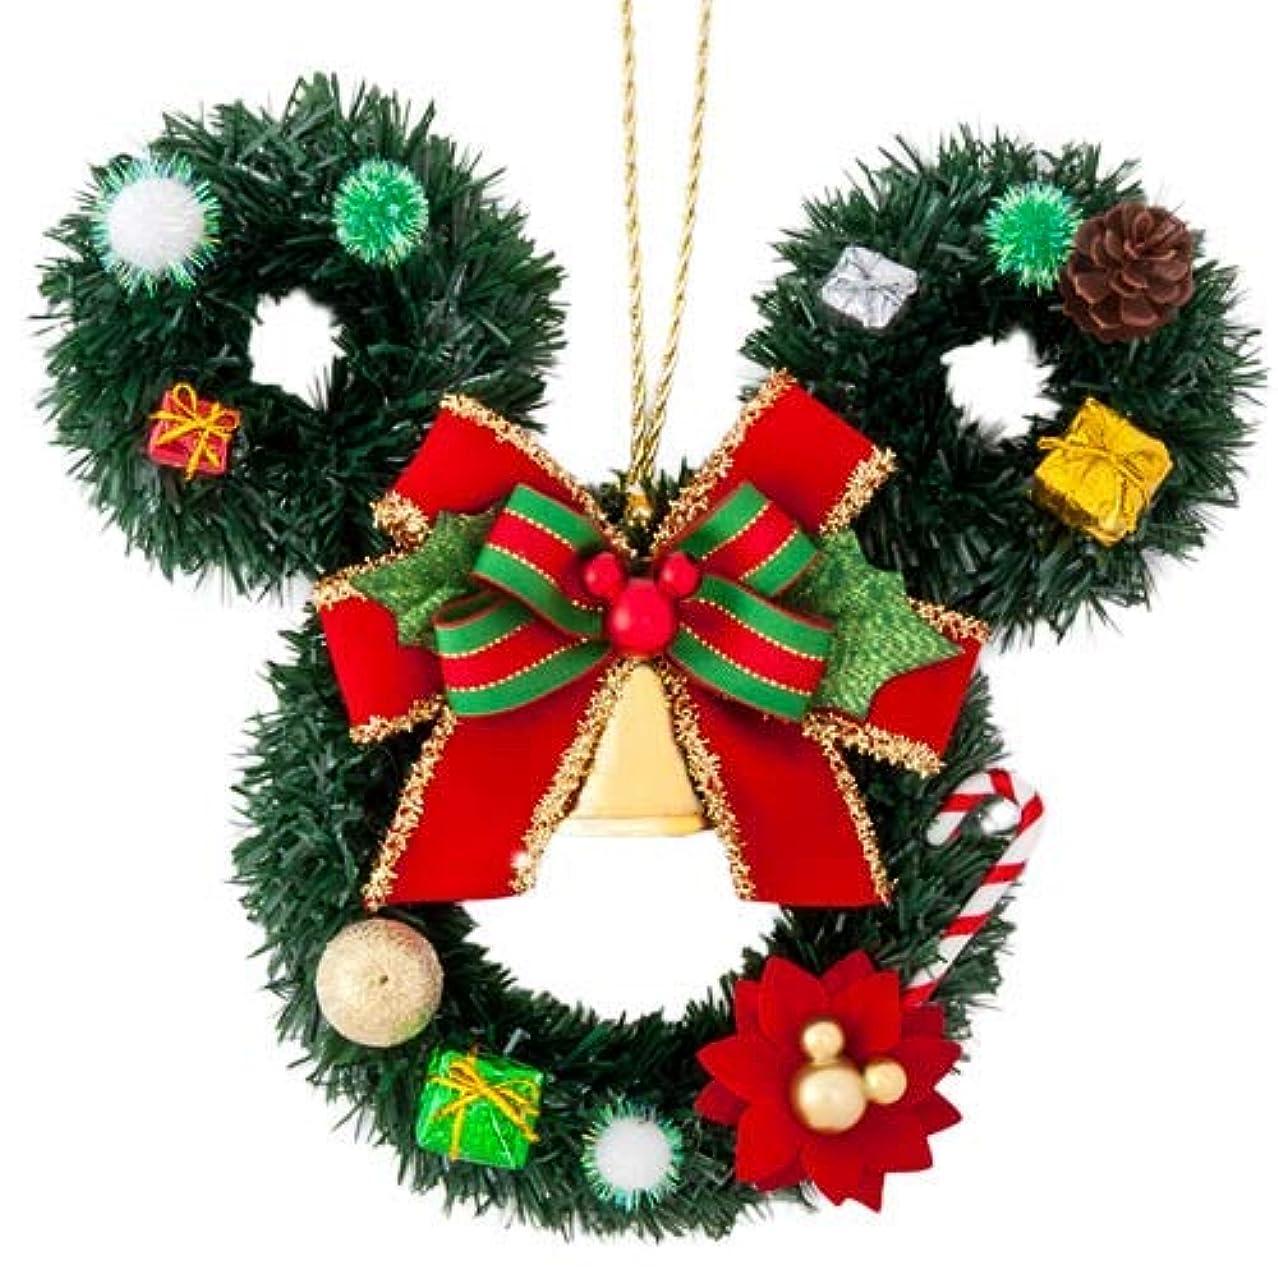 サーカスフレームワーク生き残りミッキーマウス リース ディズニークリスマス 2019 ディズニー グッズ お土産【東京ディズニーリゾート限定】